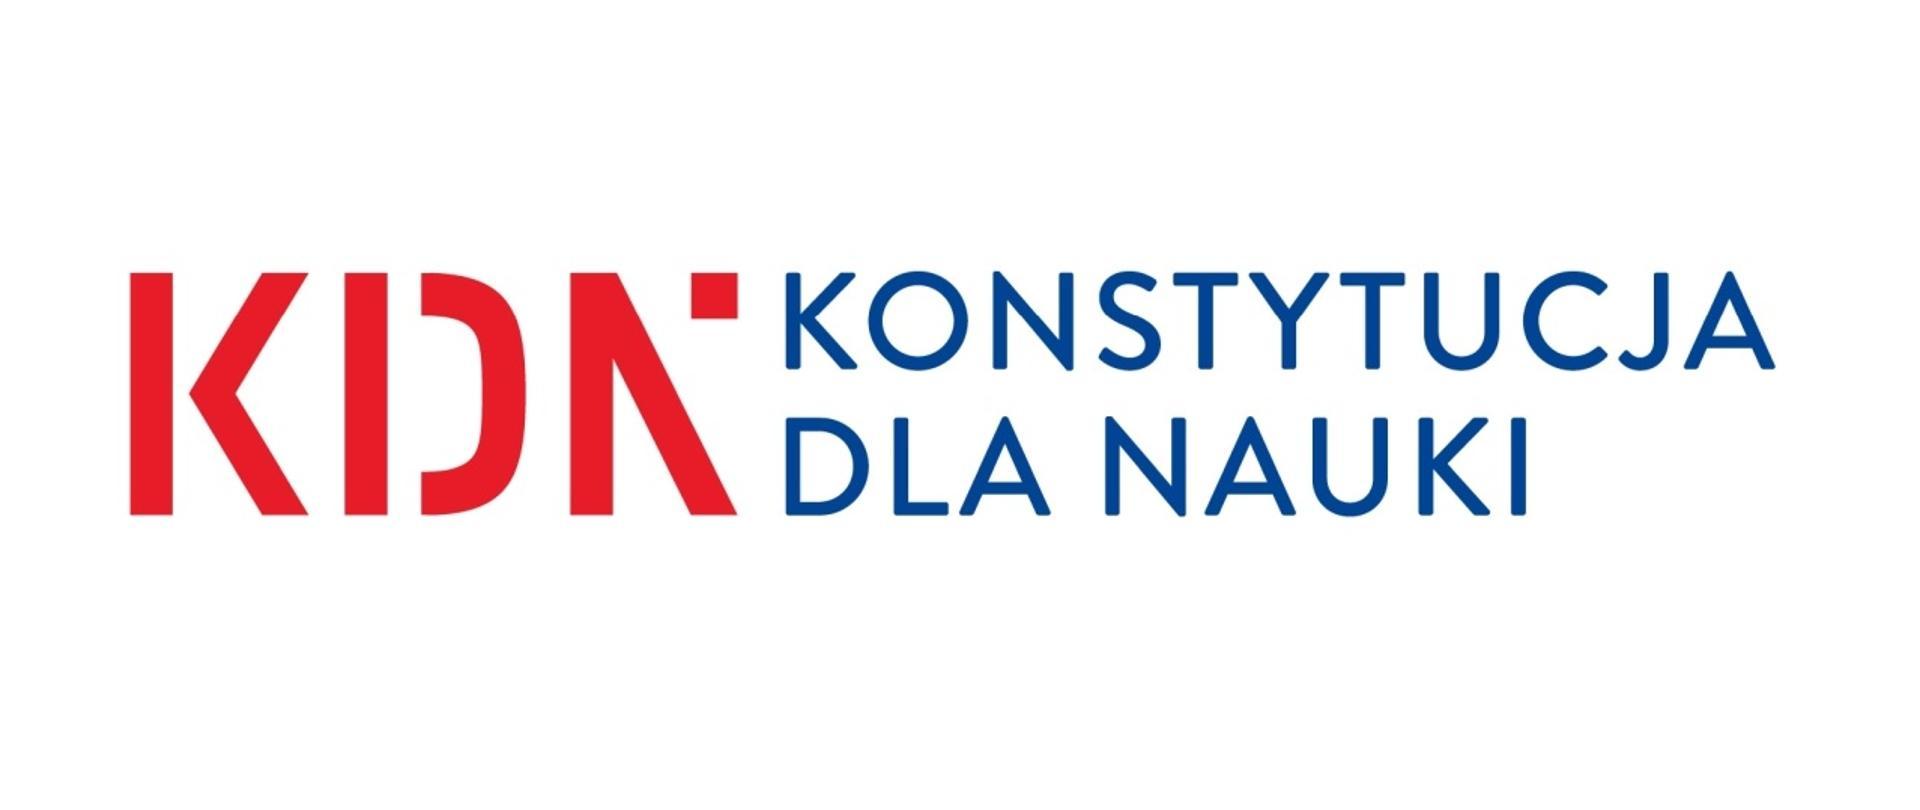 MNiSW przedstawiło założenia nowelizacji Konstytucji dla Nauki -  Ministerstwo Edukacji i Nauki - Portal Gov.pl